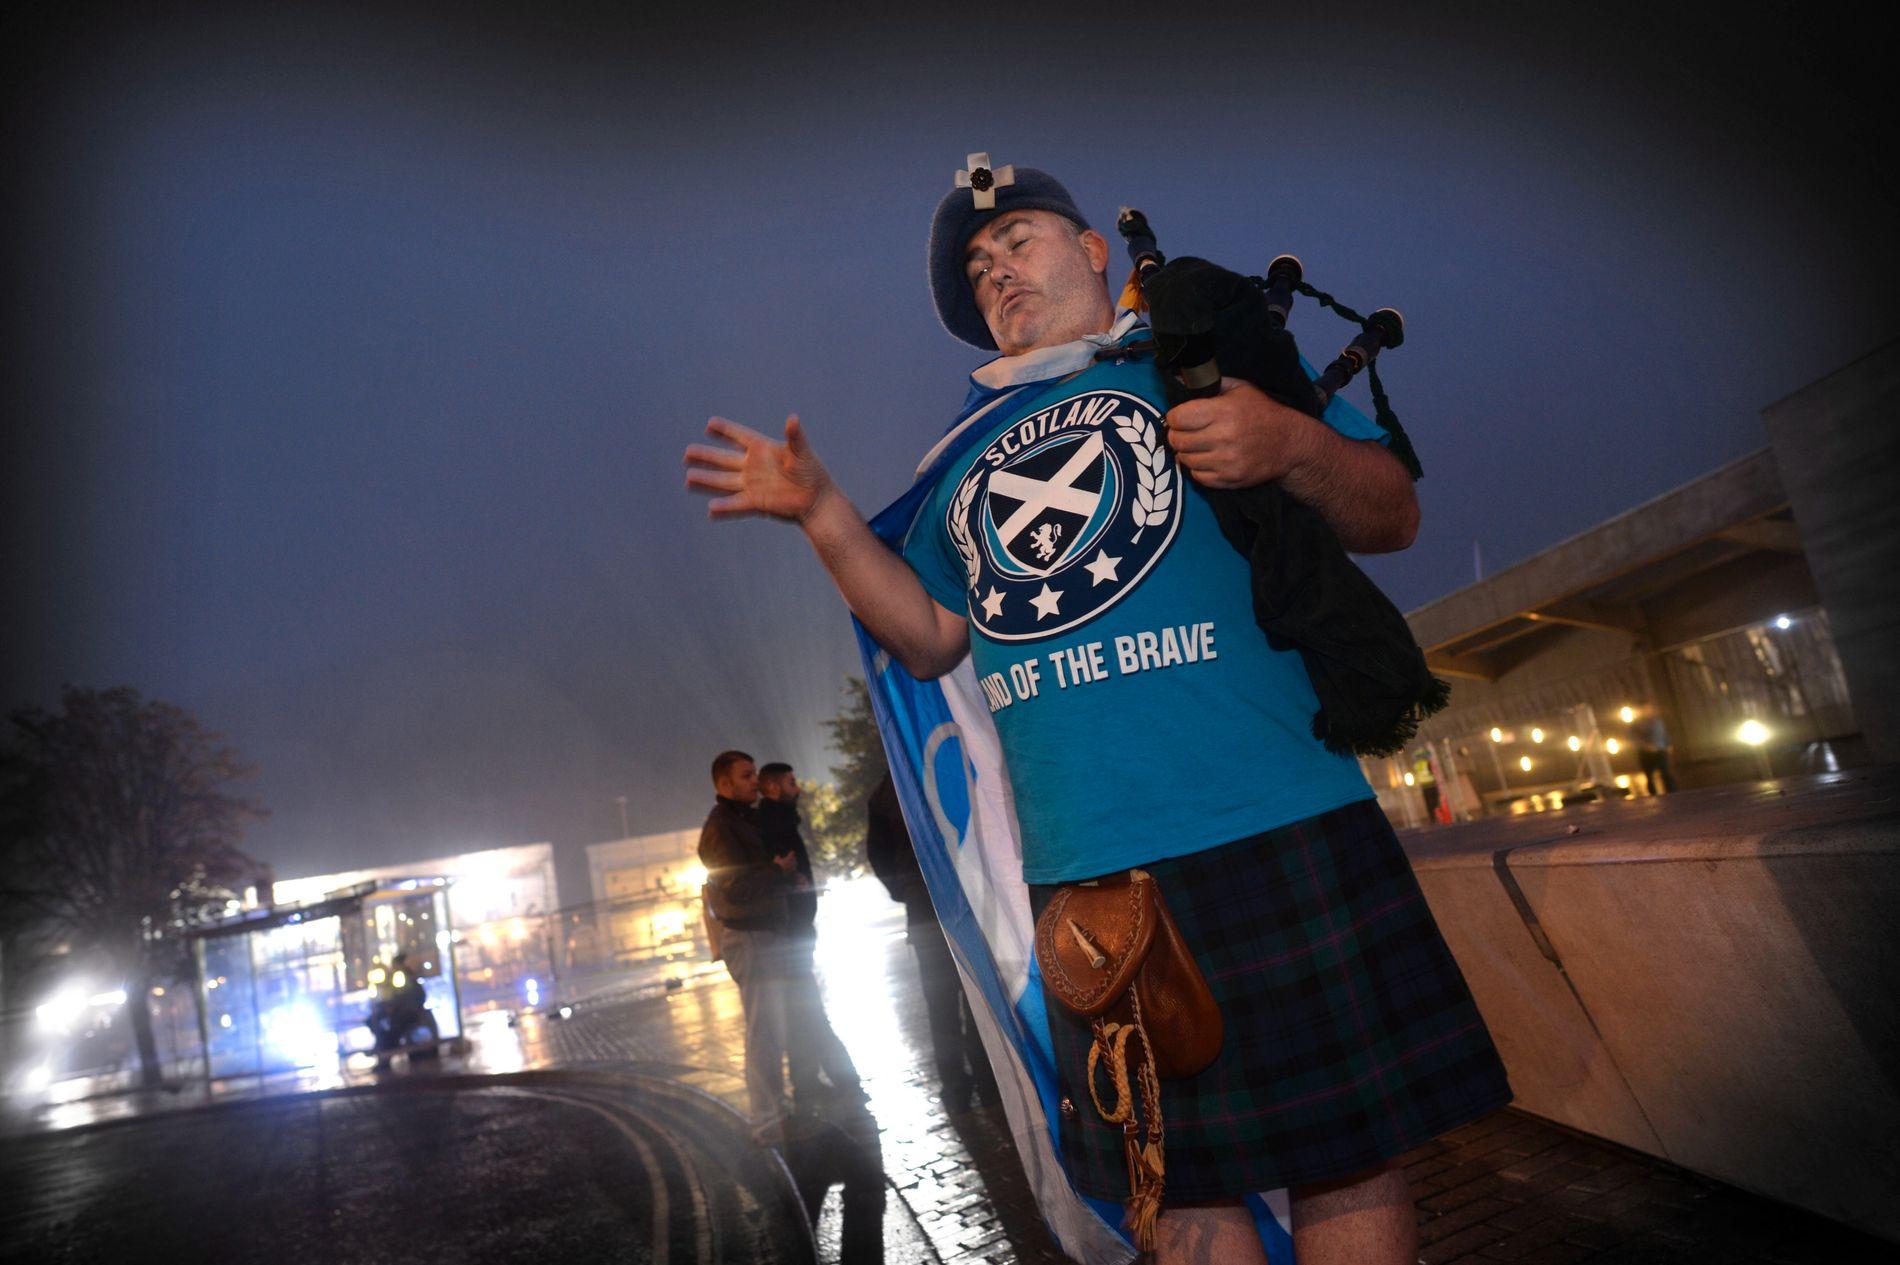 NY SJANSE TIL UAVHENGIGHET: Sekkepipeblåser Chris Davidson var skuffet da flertallet av skottene stemte nei til uavhengighet ved forrige valg. Om Storbritannia stemmer for å forlate EU, kan han få en ny sjanse.